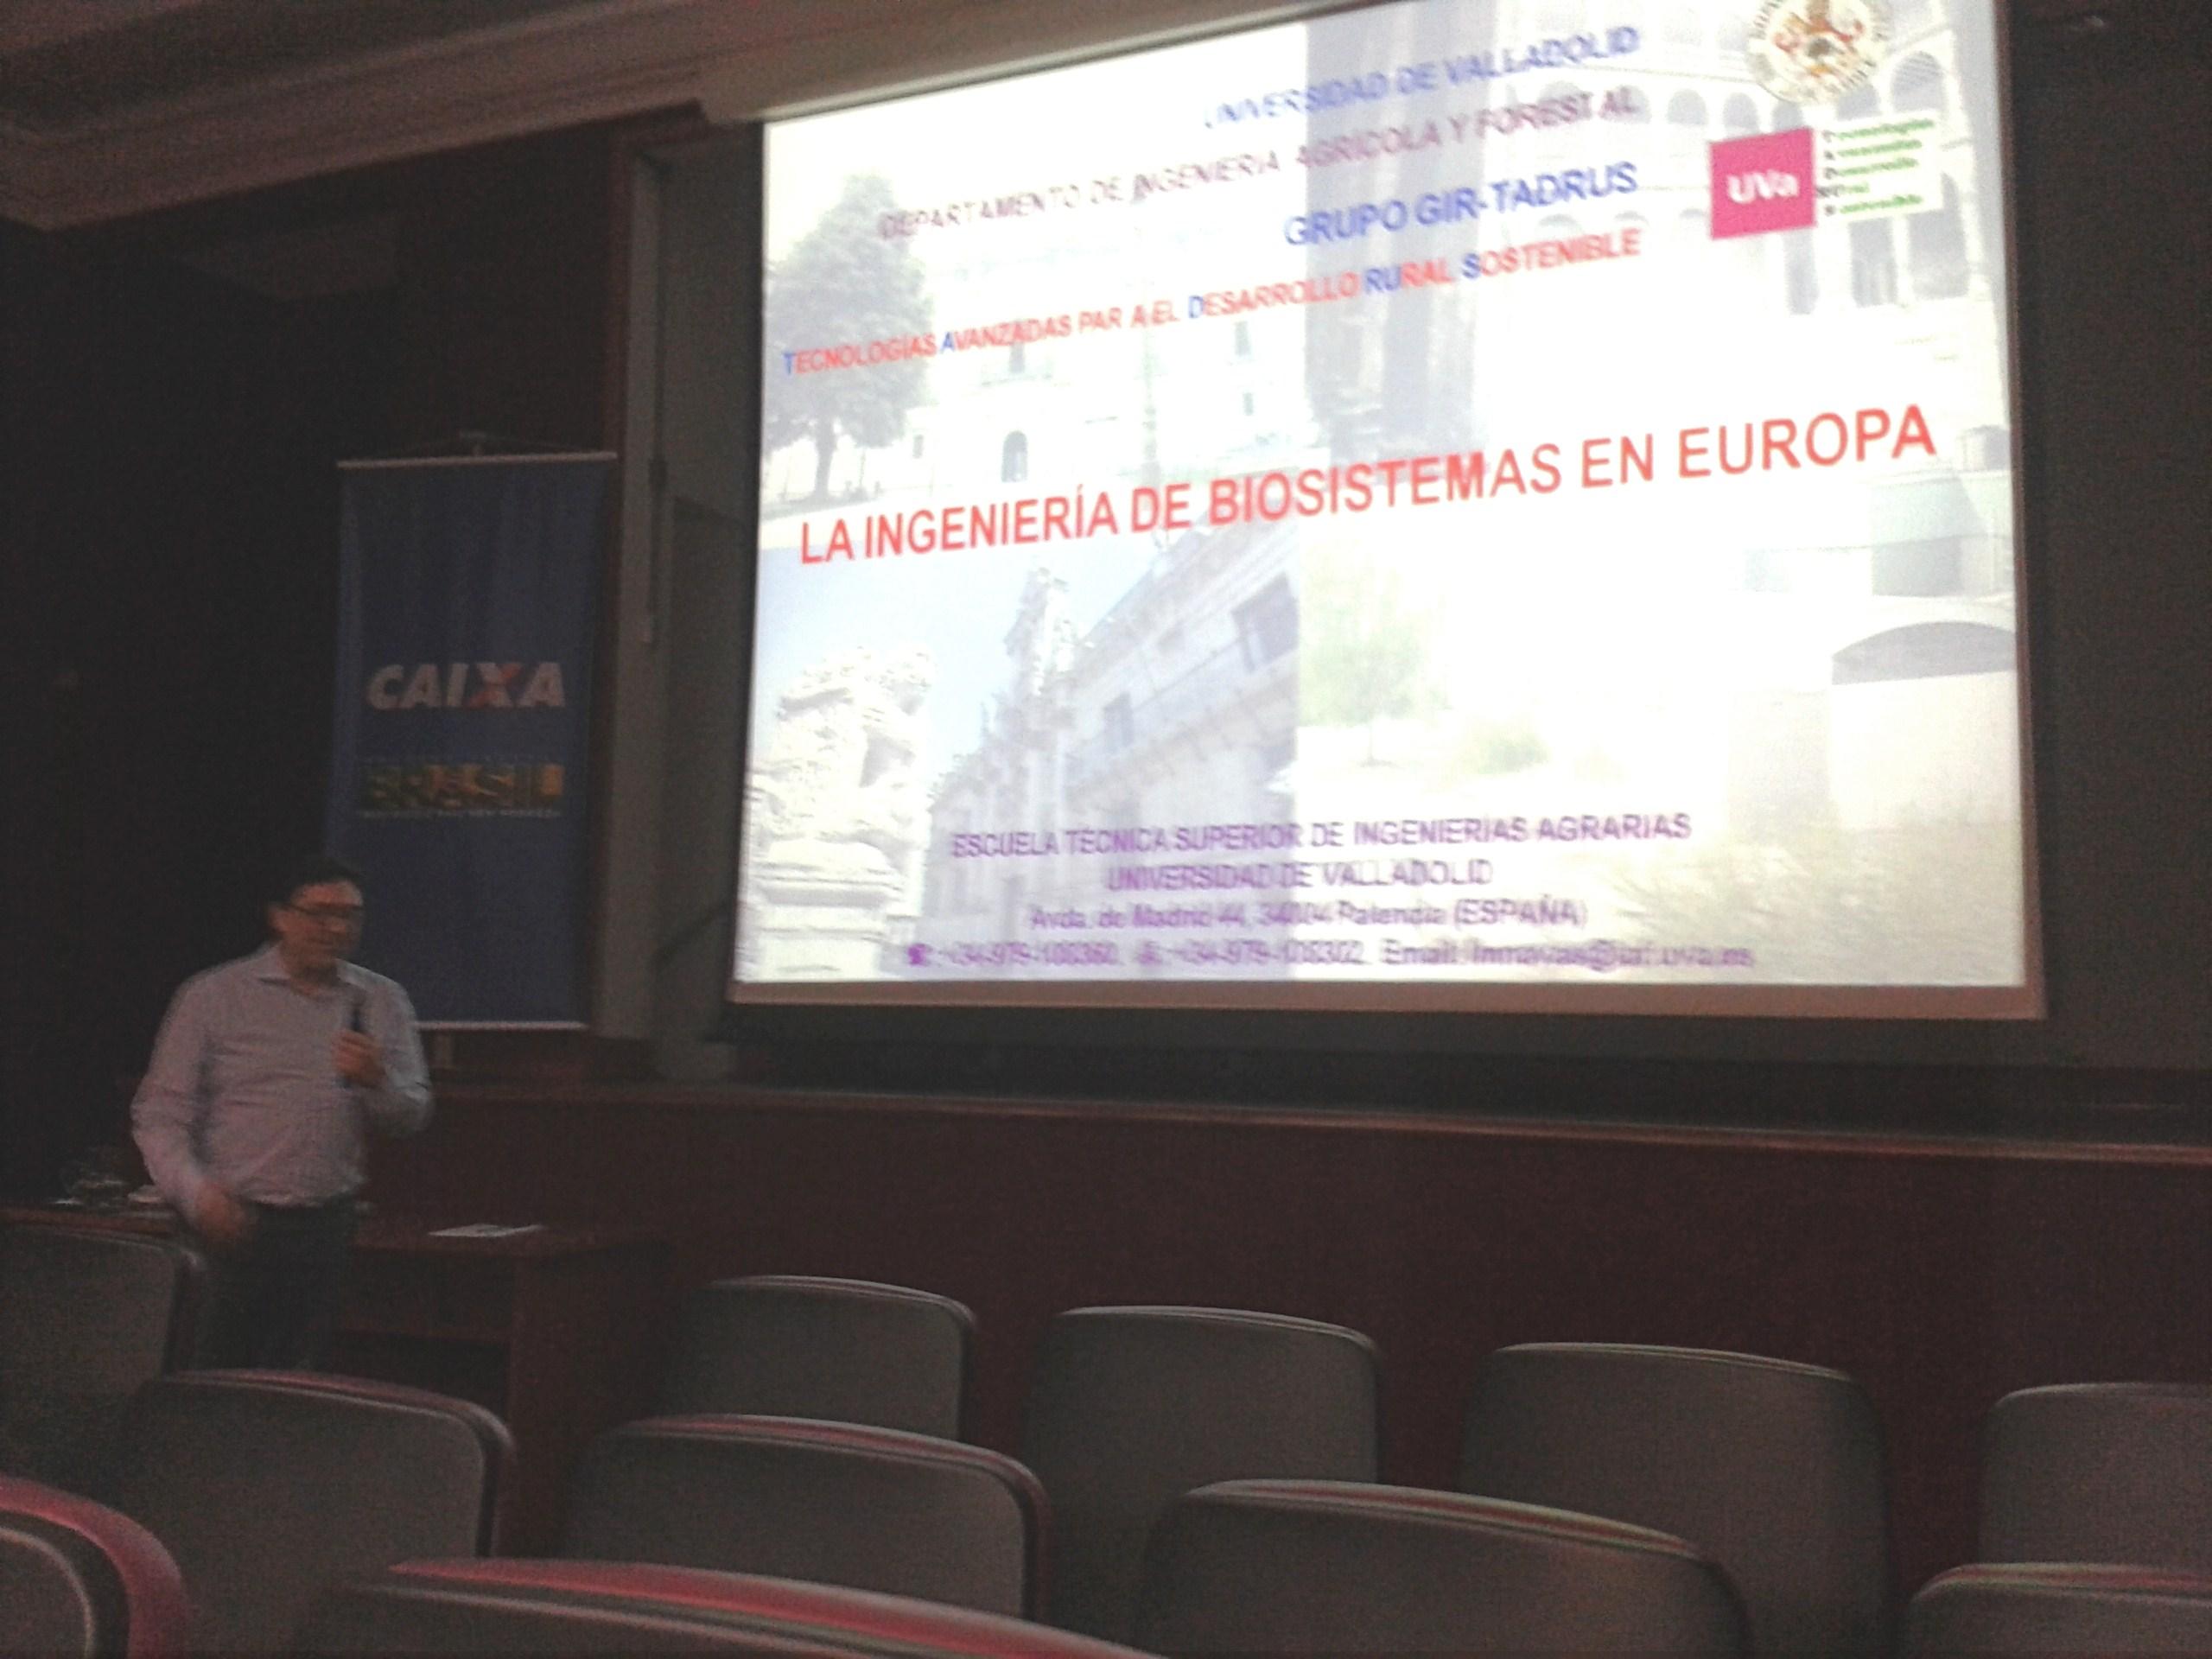 Palestra do professor Luiz Manoel Navas, da Espanha. Foto: divulgação.